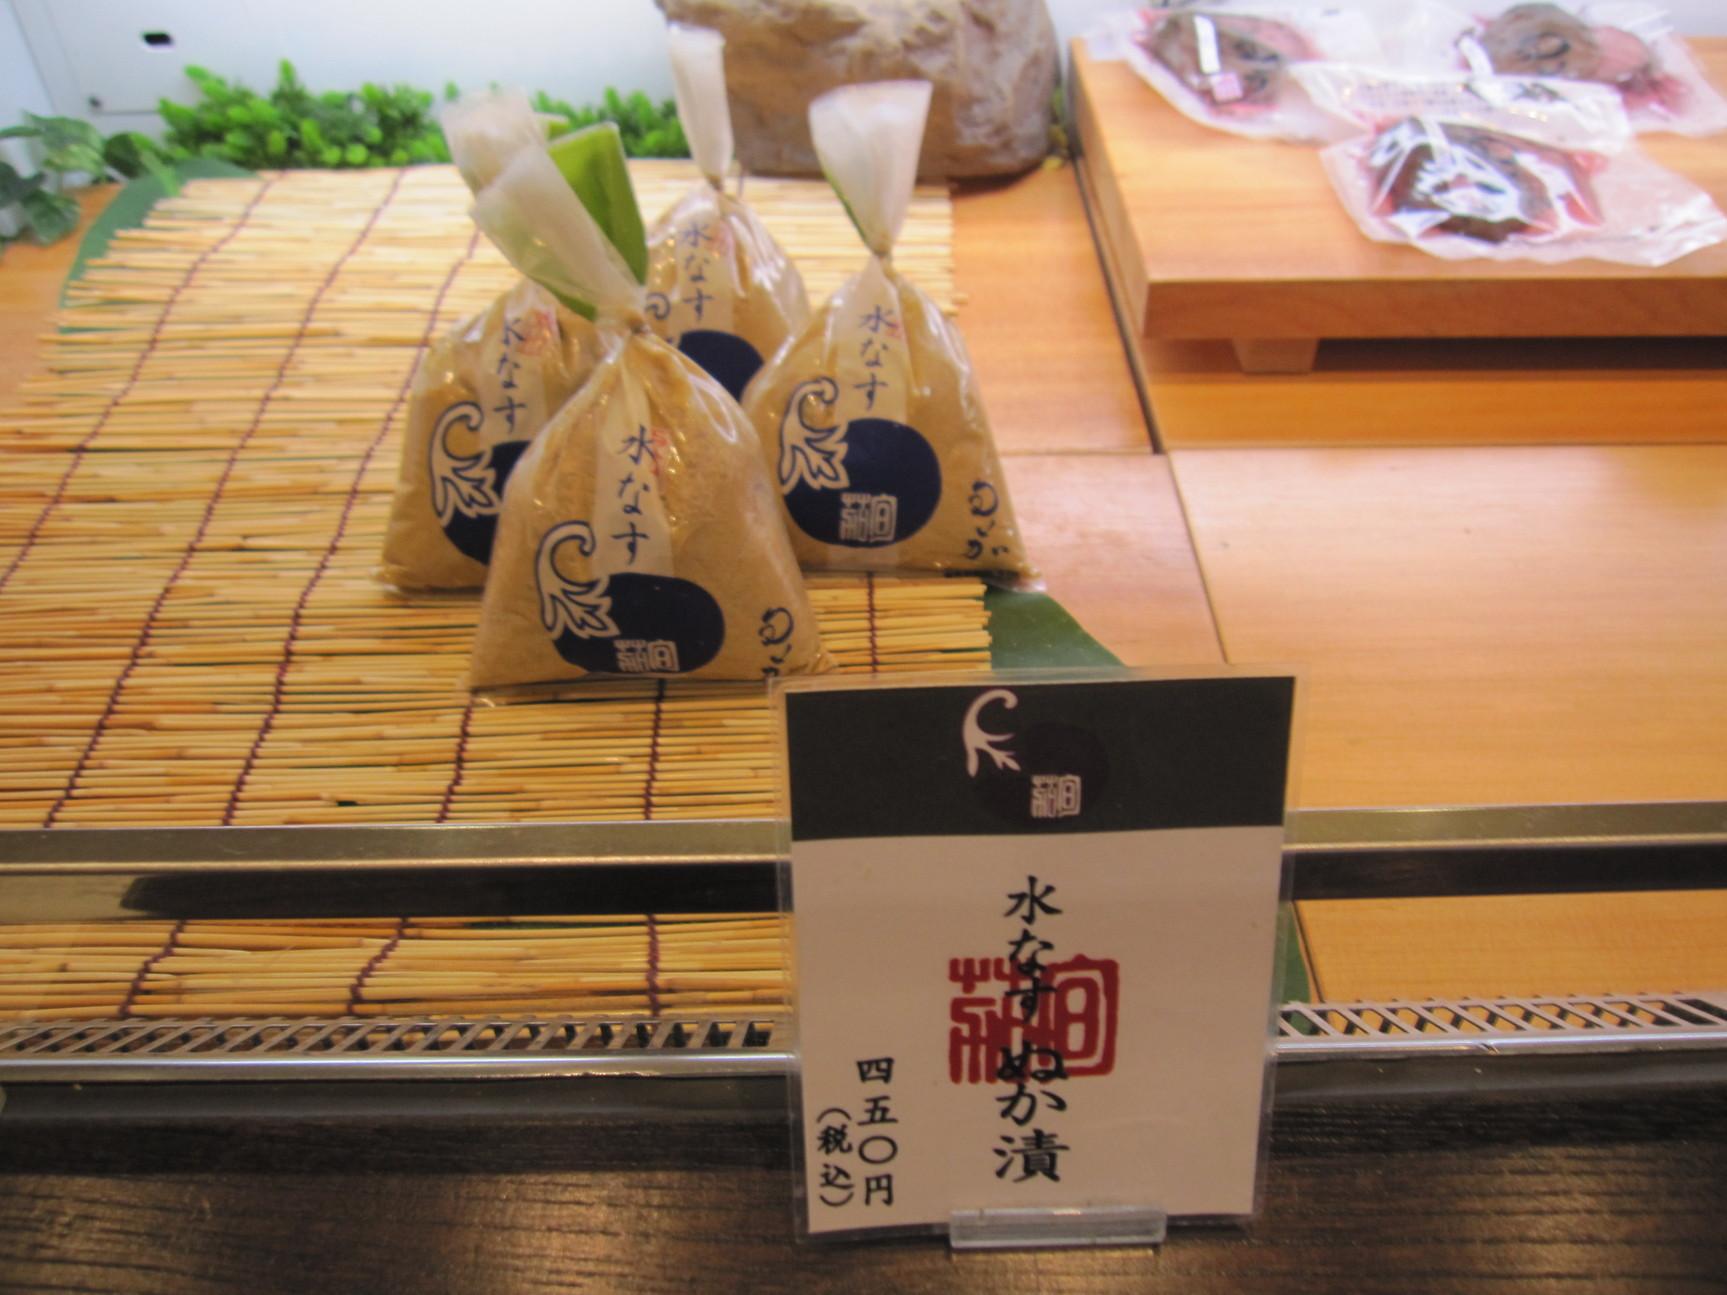 おつけもの 旬茄 岸和田駅前店